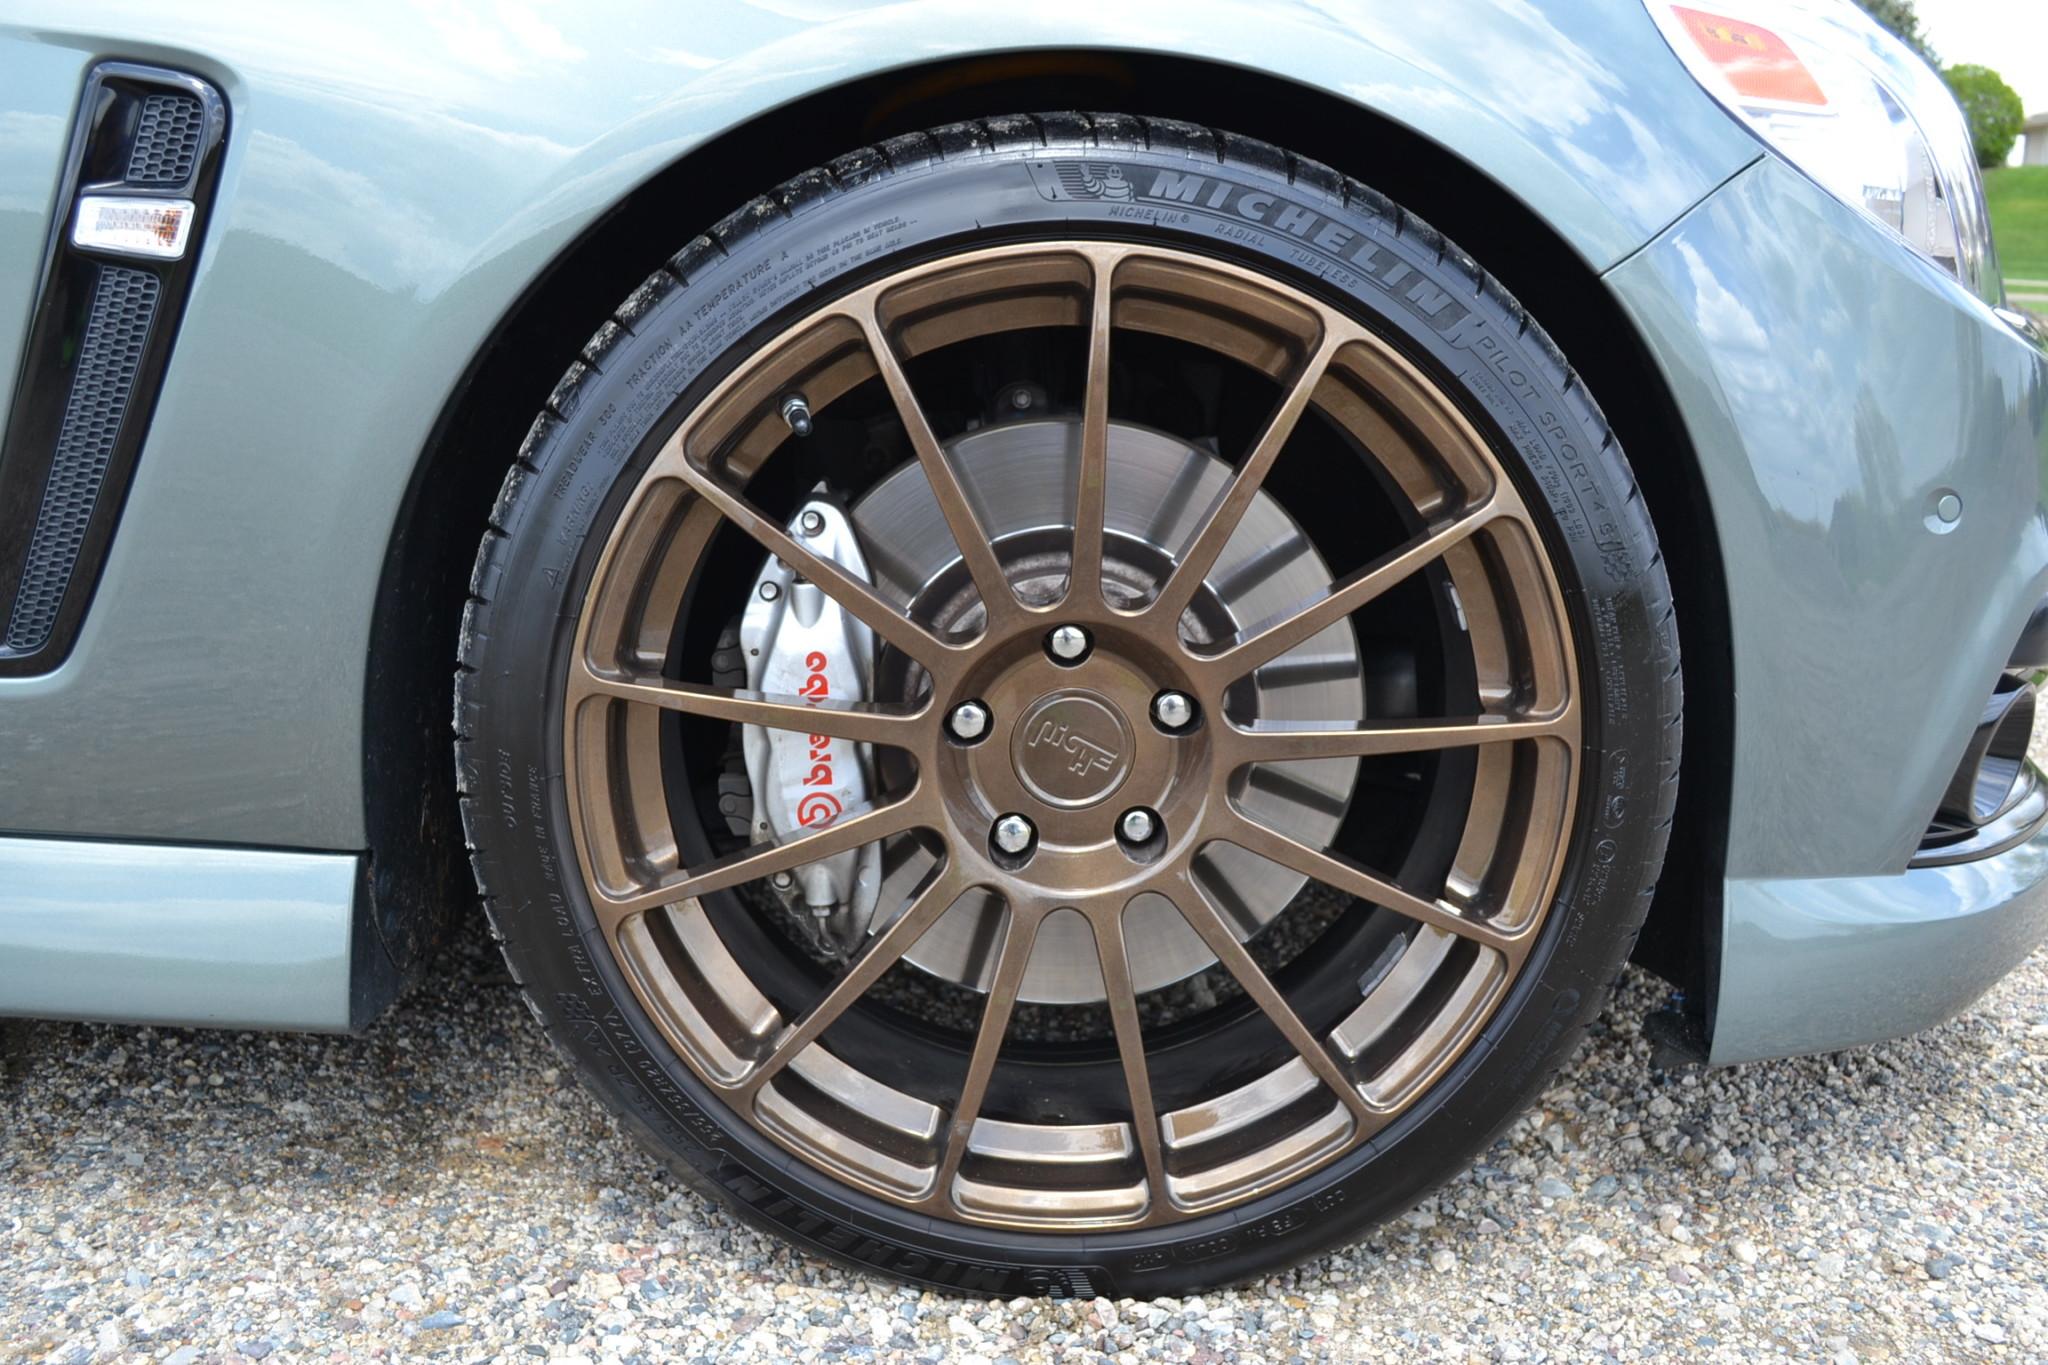 2015 Chevrolet SS wheel detail